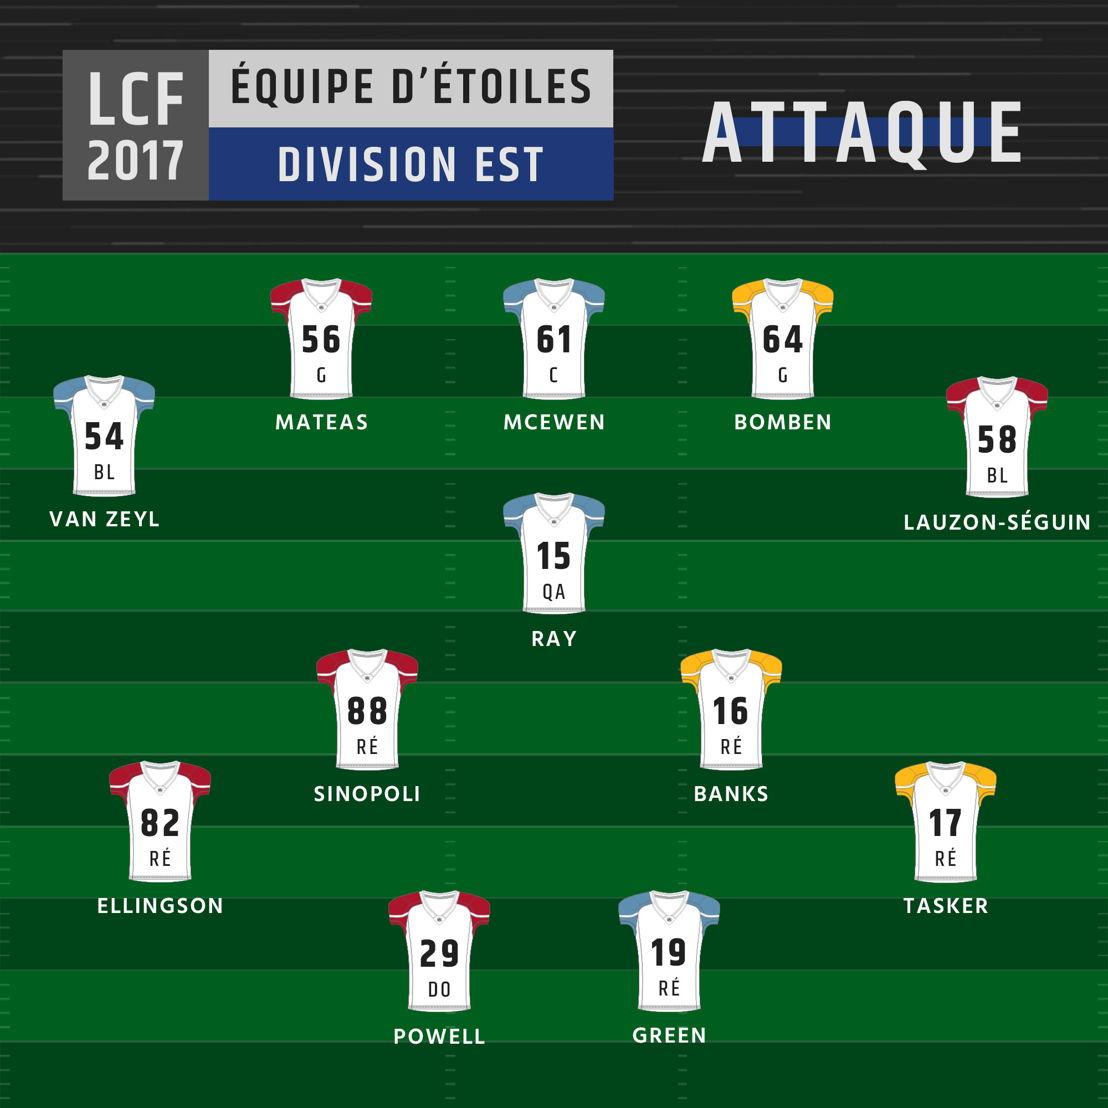 Équipe d'étoiles de la division Est - Attaque